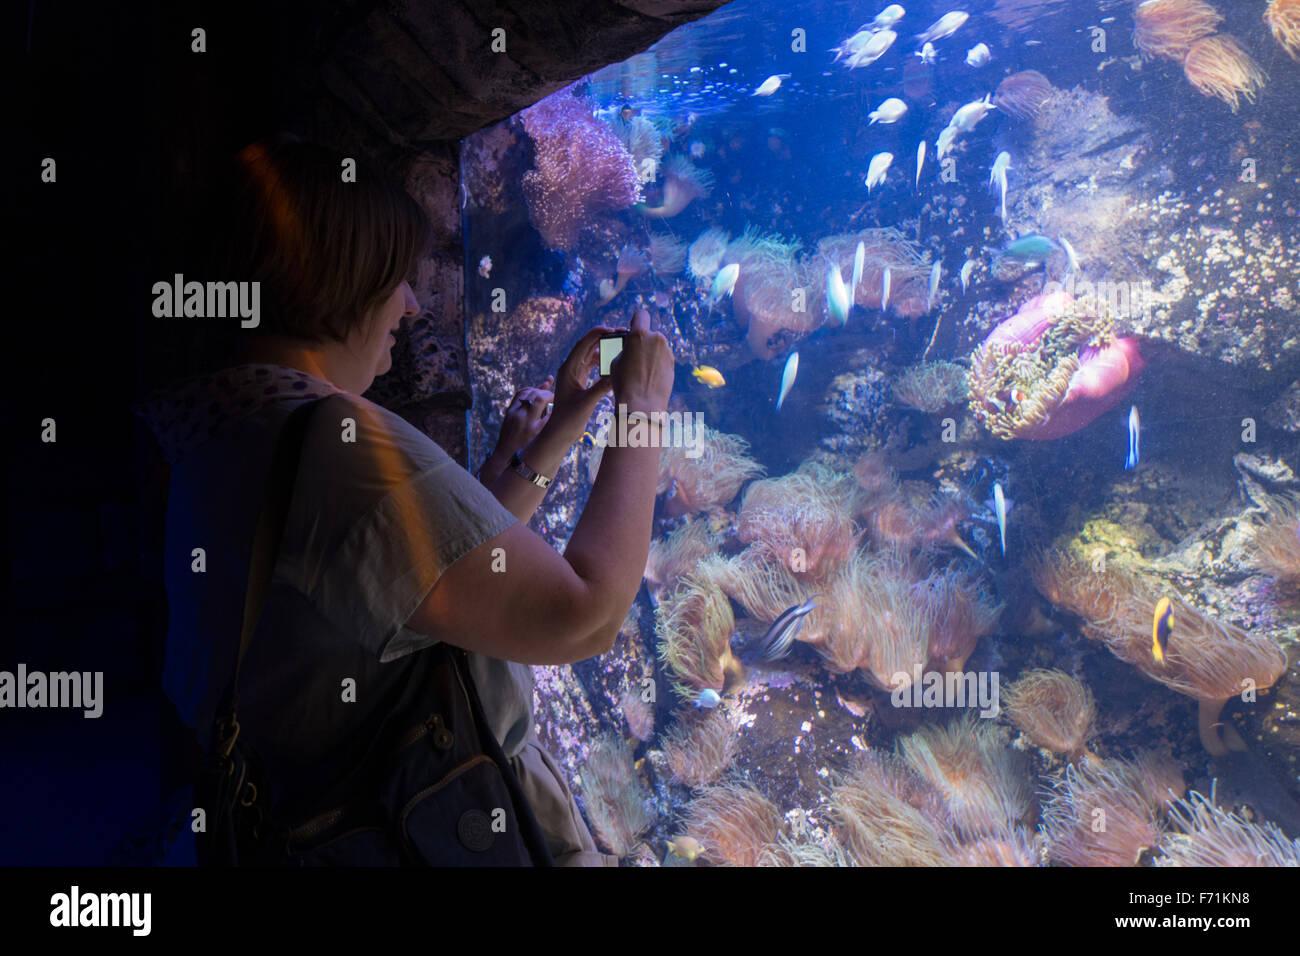 sea life sydney aquarium visitor - Stock Image